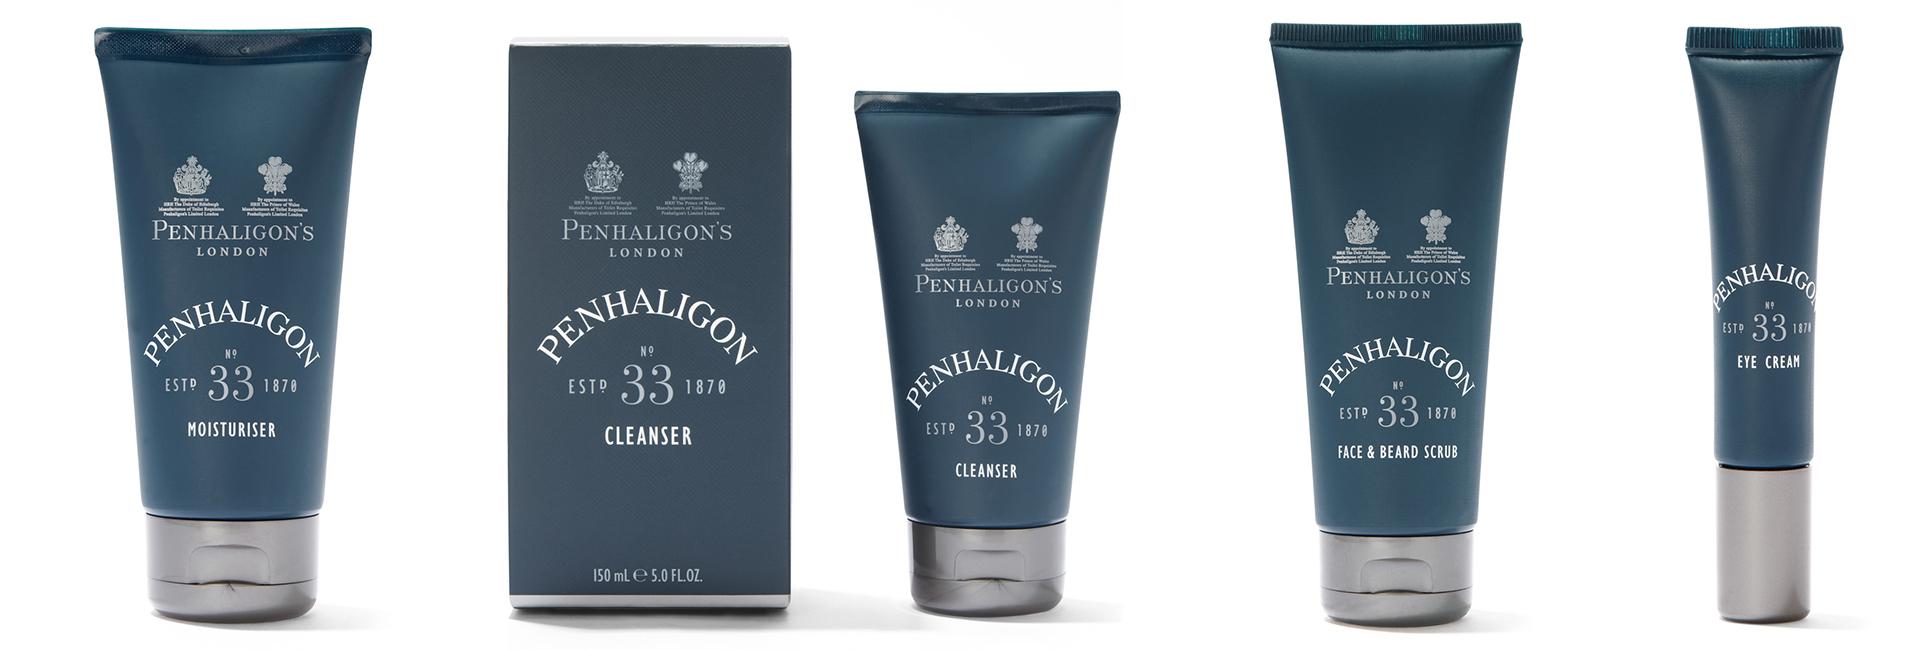 penhaligons-gamme-eau-de-cologne-33-blog-beaute-soin-parfum-homme